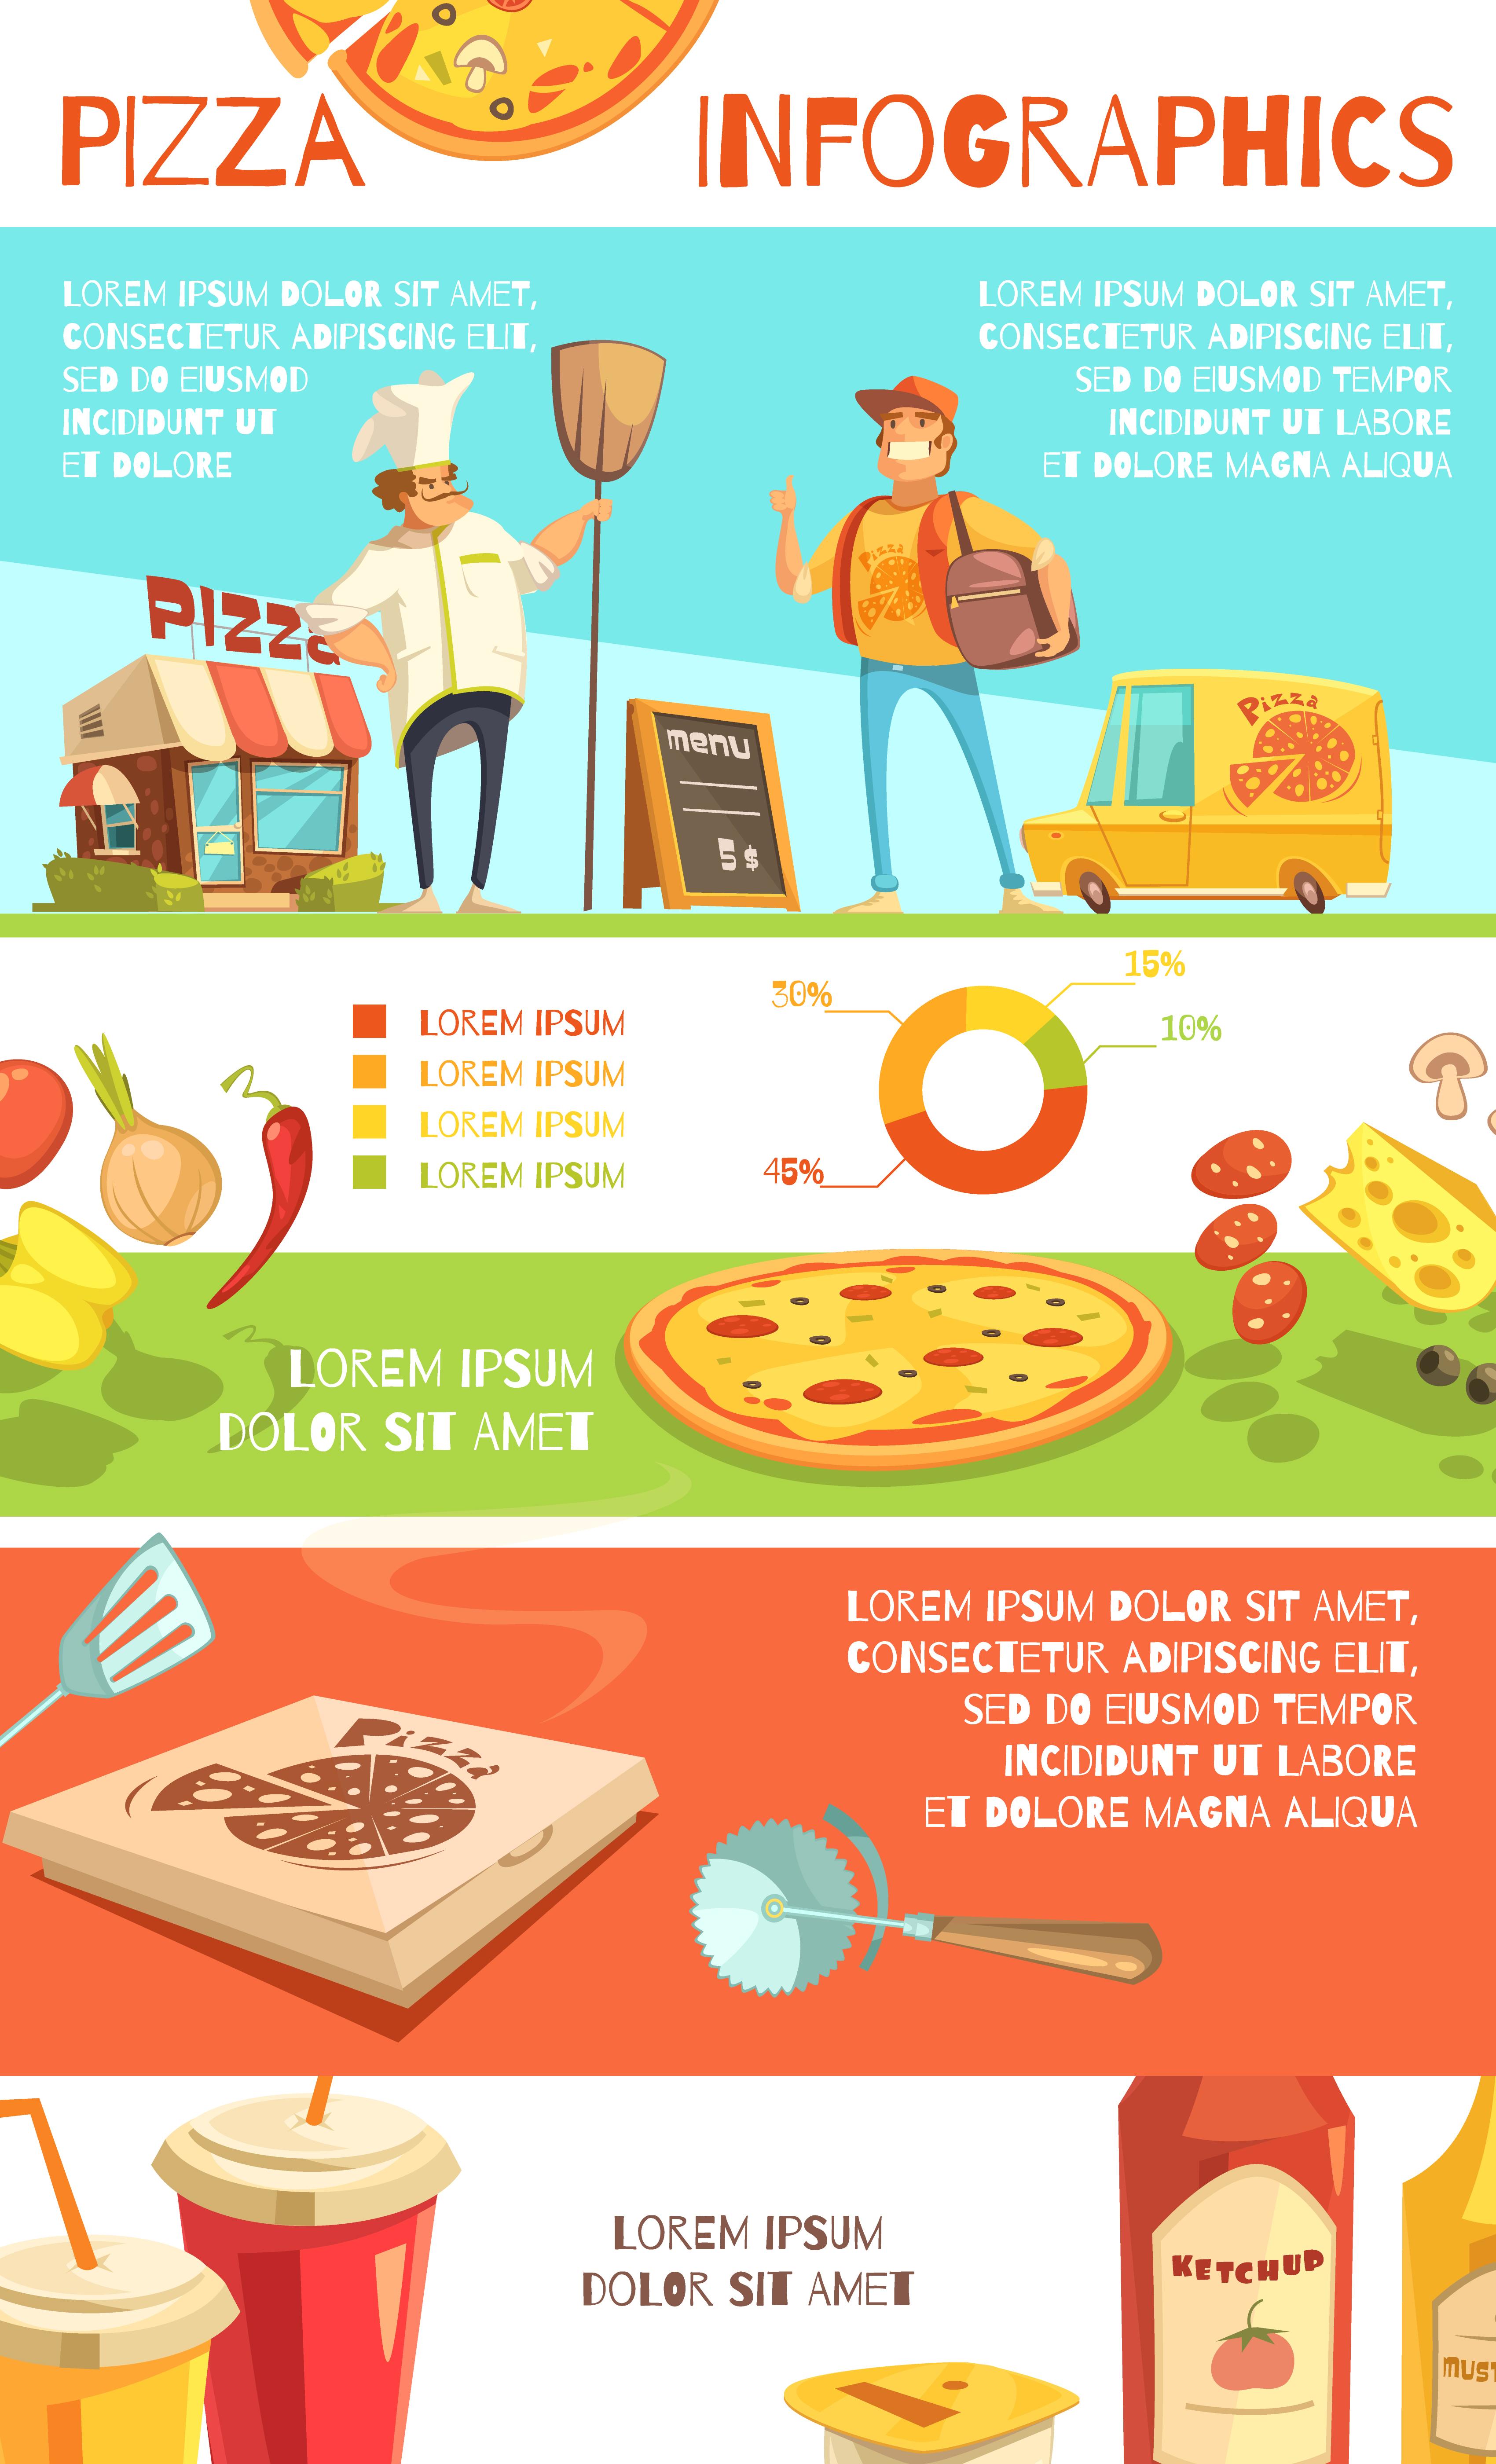 site rencontre pizza)